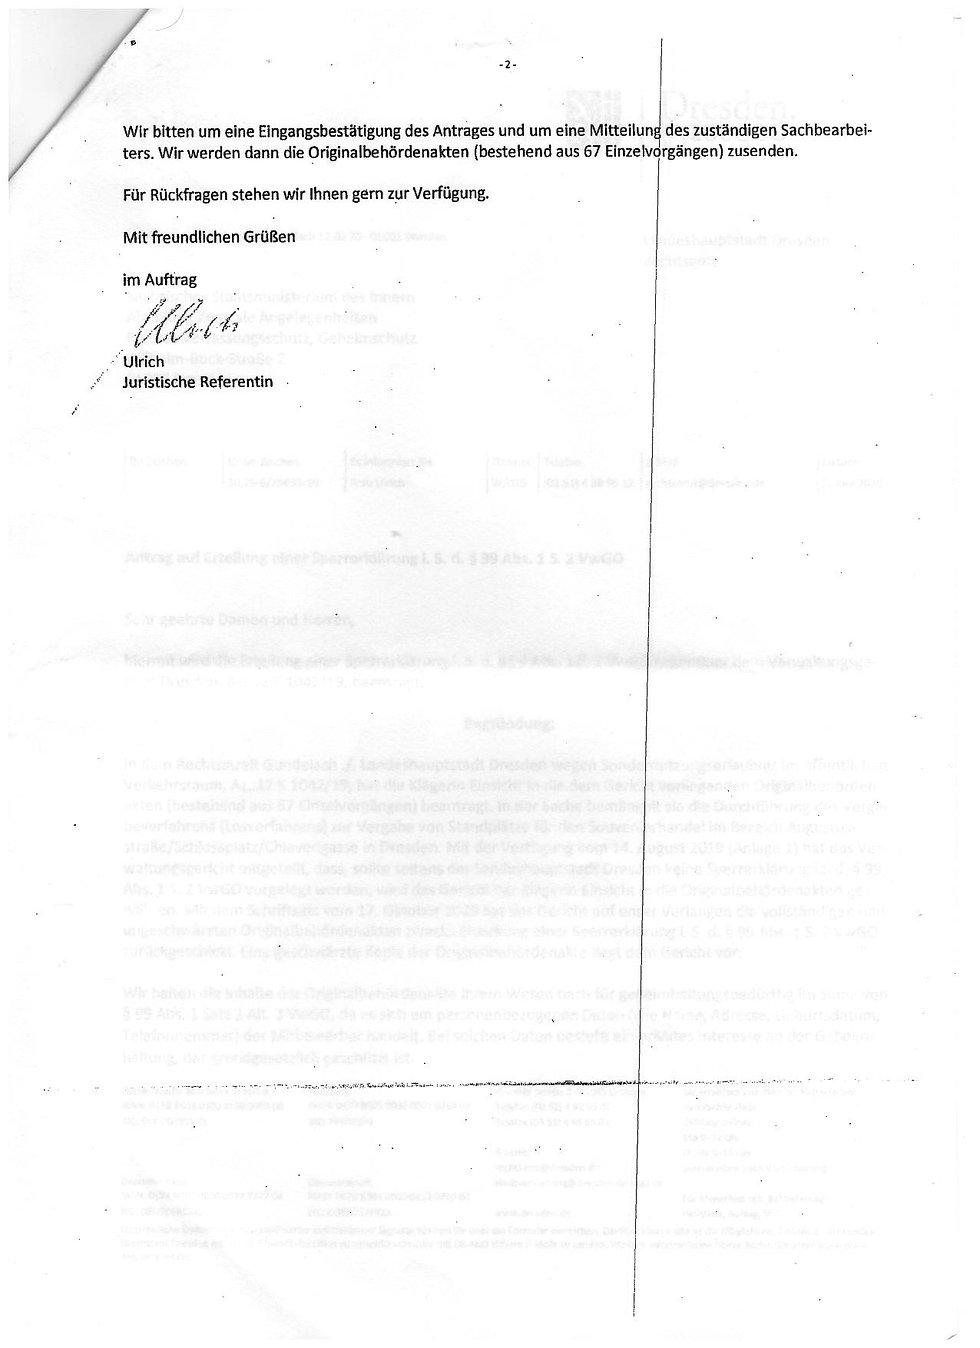 2020-06-05_Antrag-Sperrerklärung_LHDD_S2.jpg